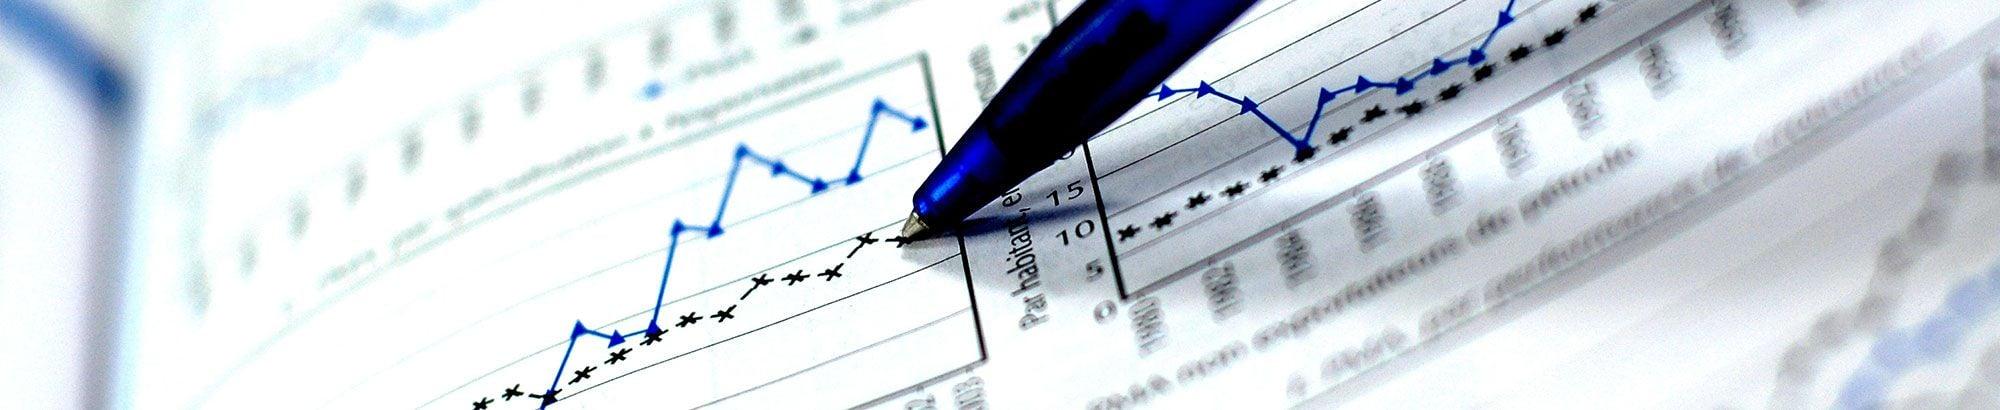 retirement-plan-services